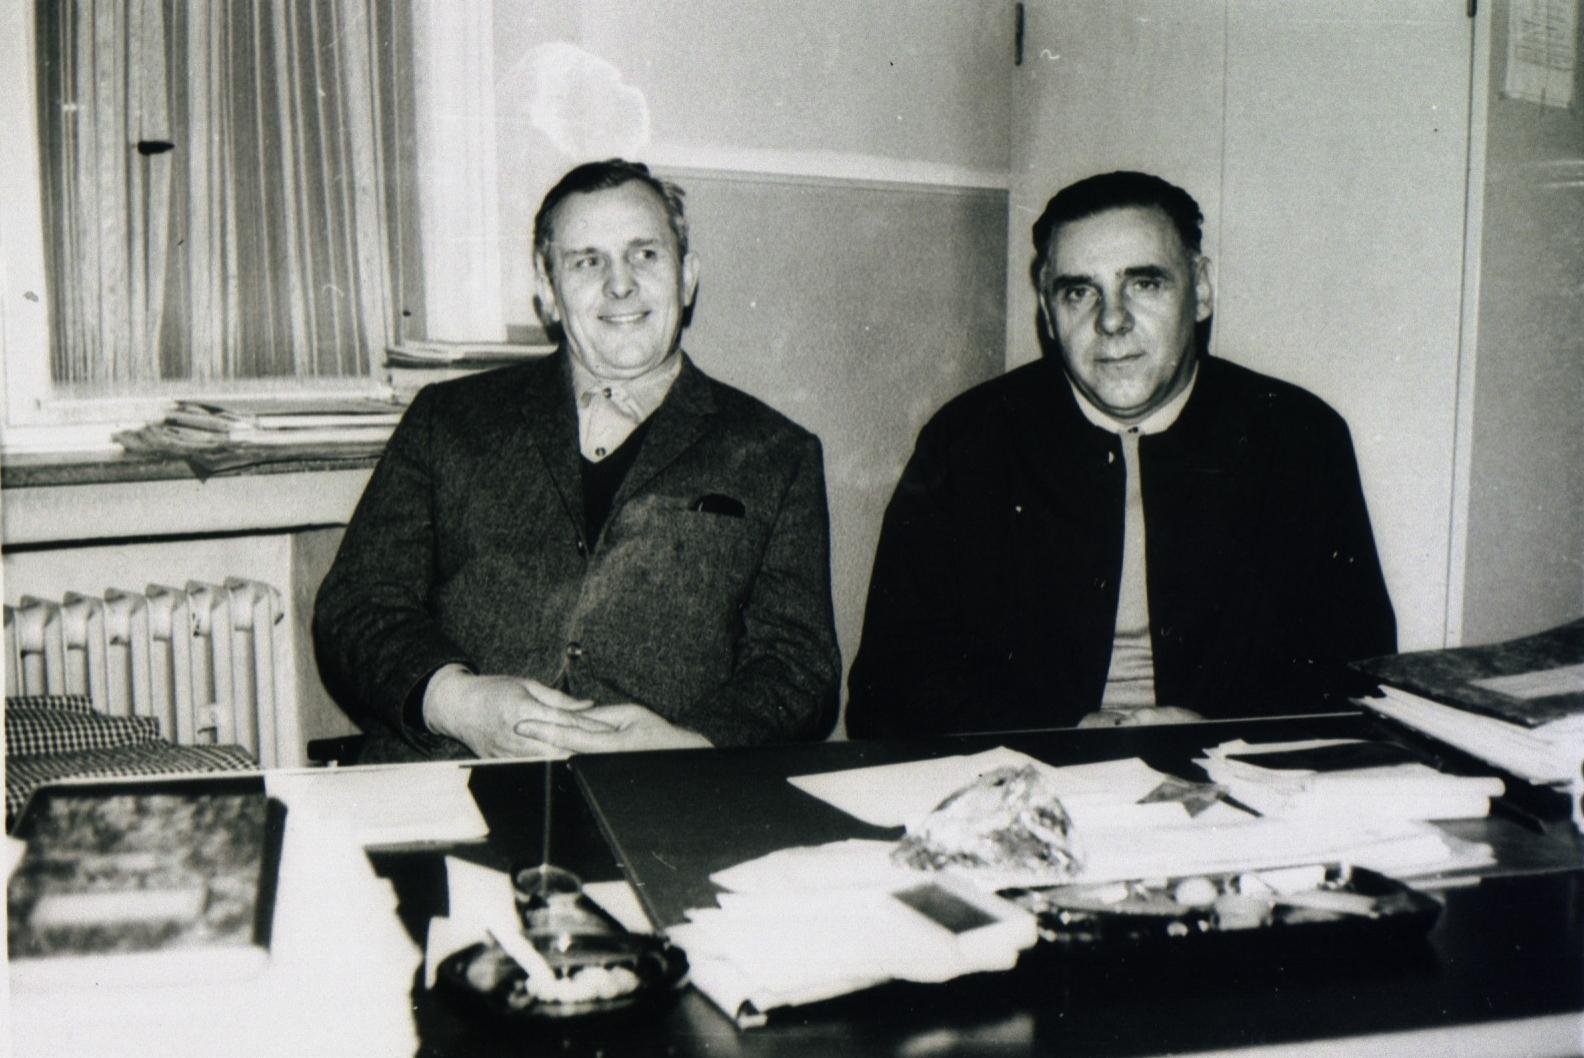 Feuerwehr und Fahrbereitschaftsleiter Ernst Sengotta mit Kollege